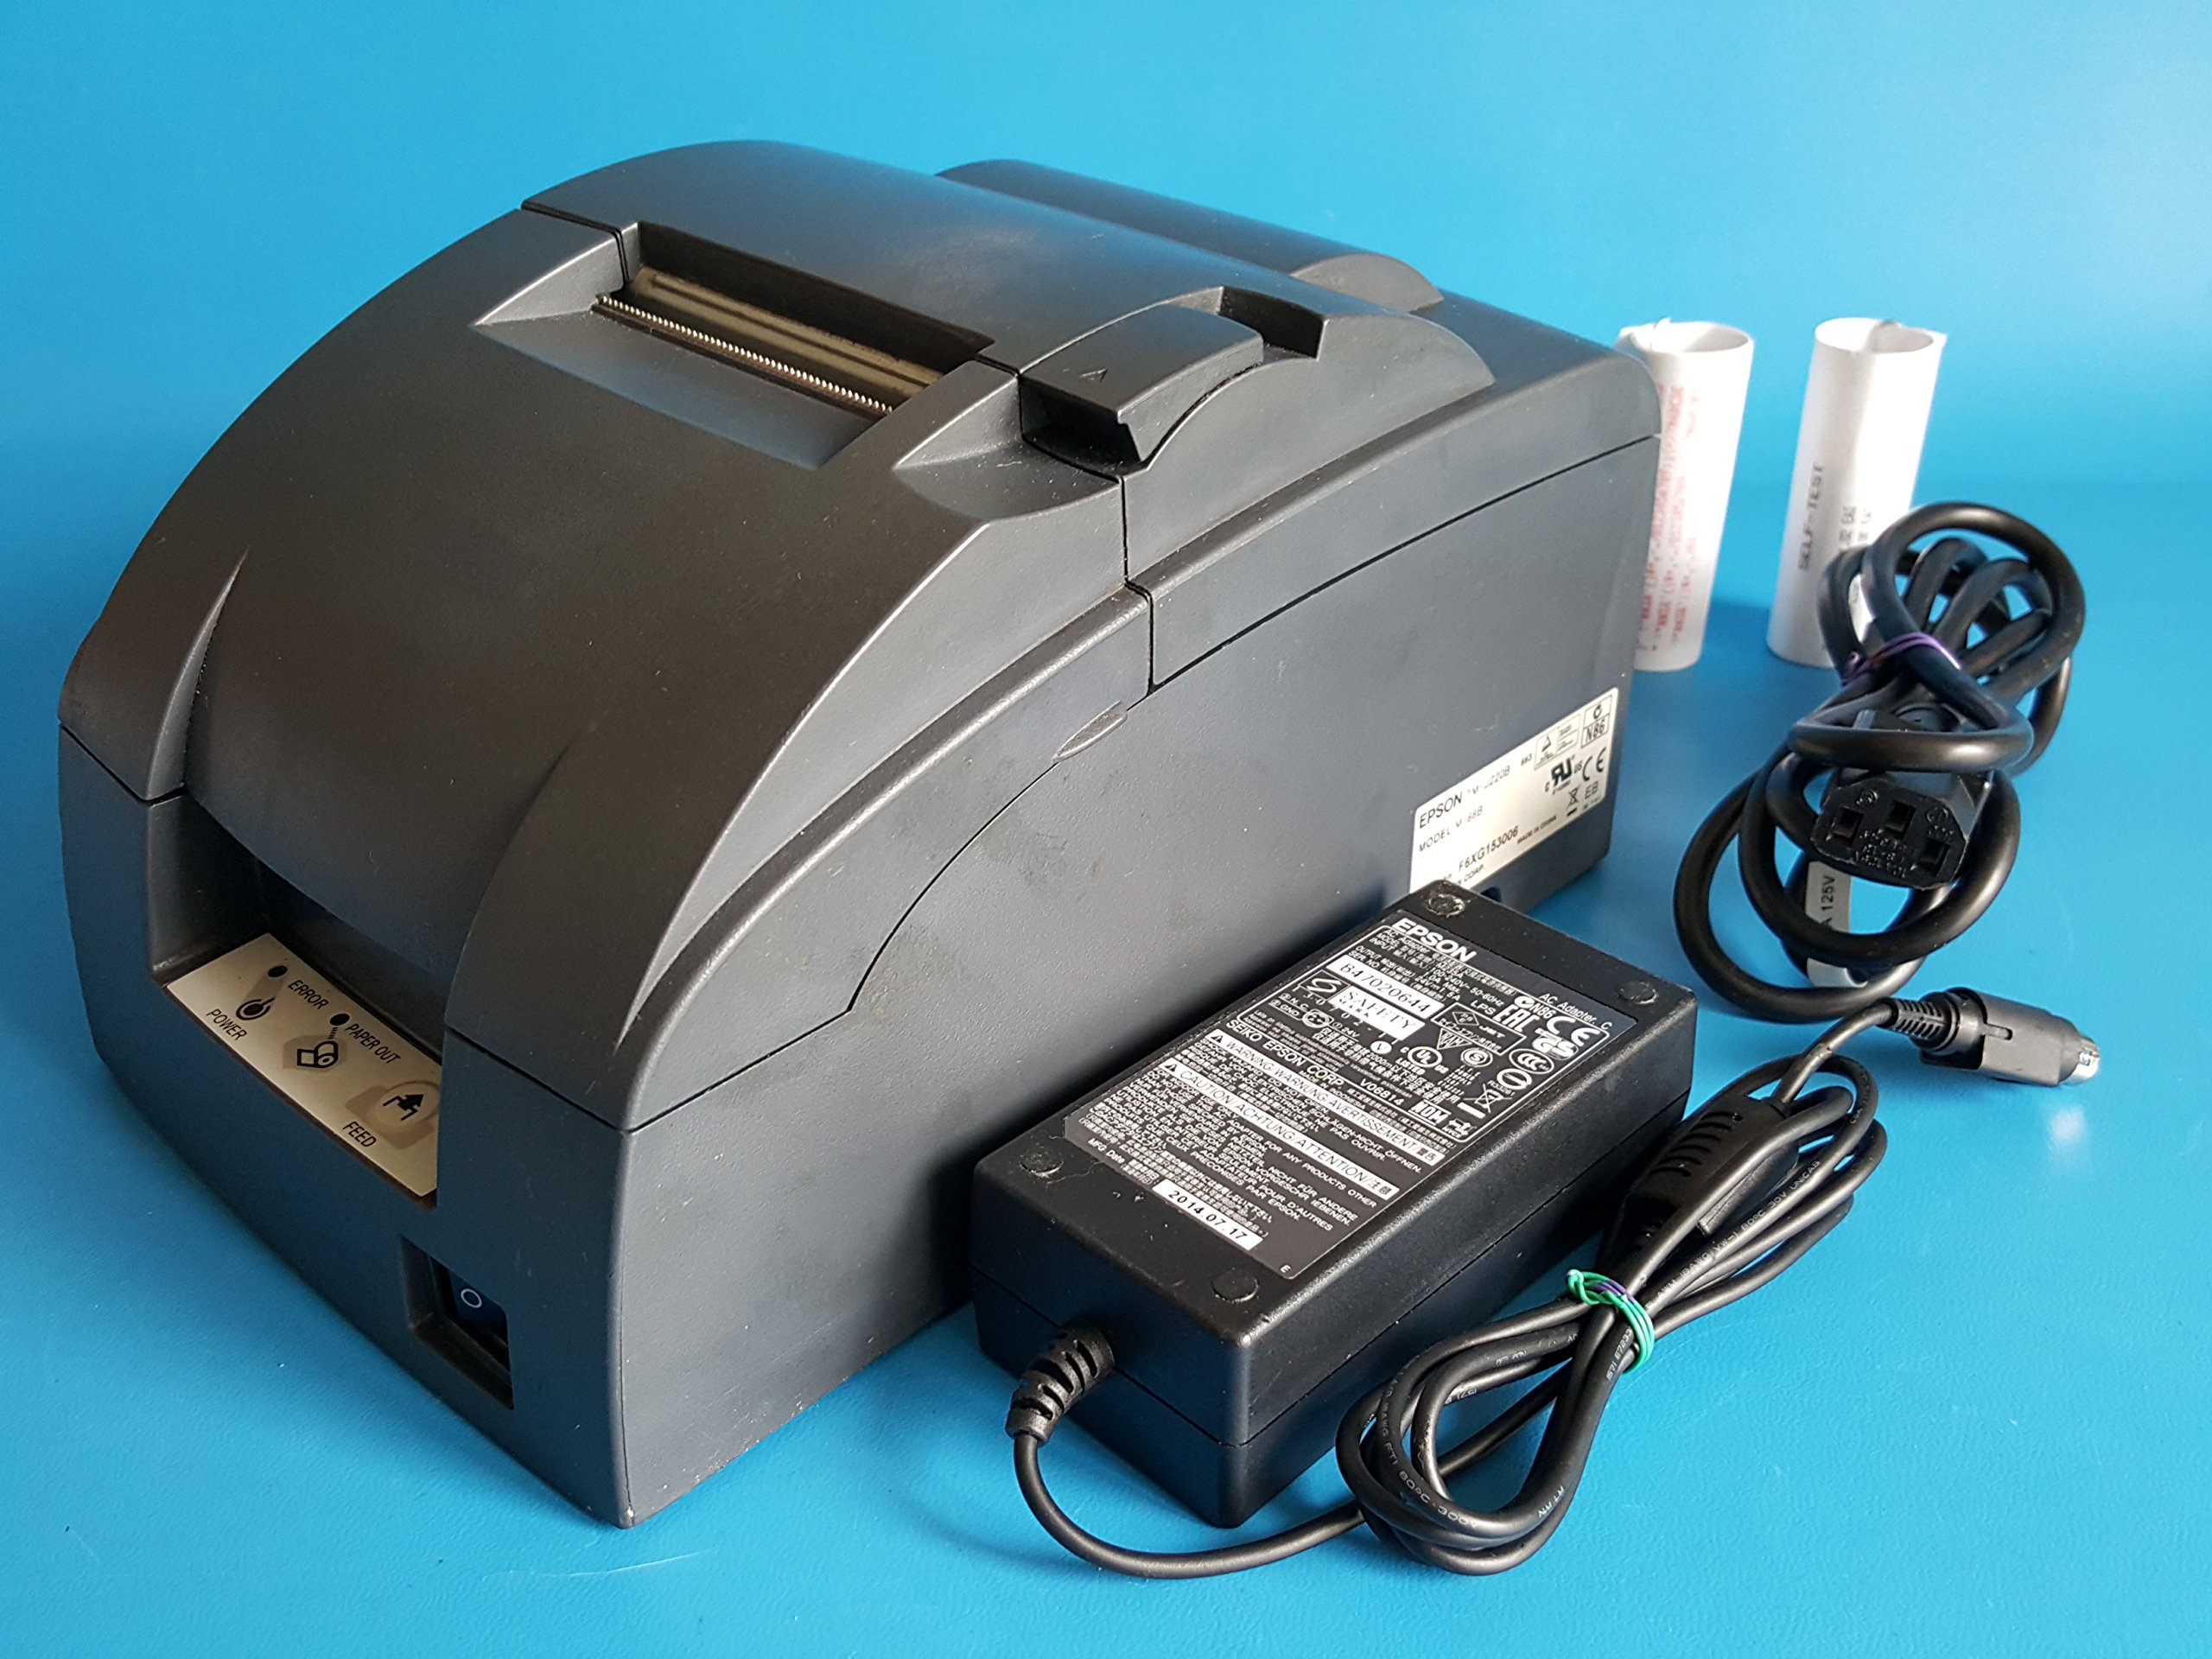 Epson TM-U220B M188B POS Receipt Printer USB Interface - Red & Black Ribbon - with Power Supply